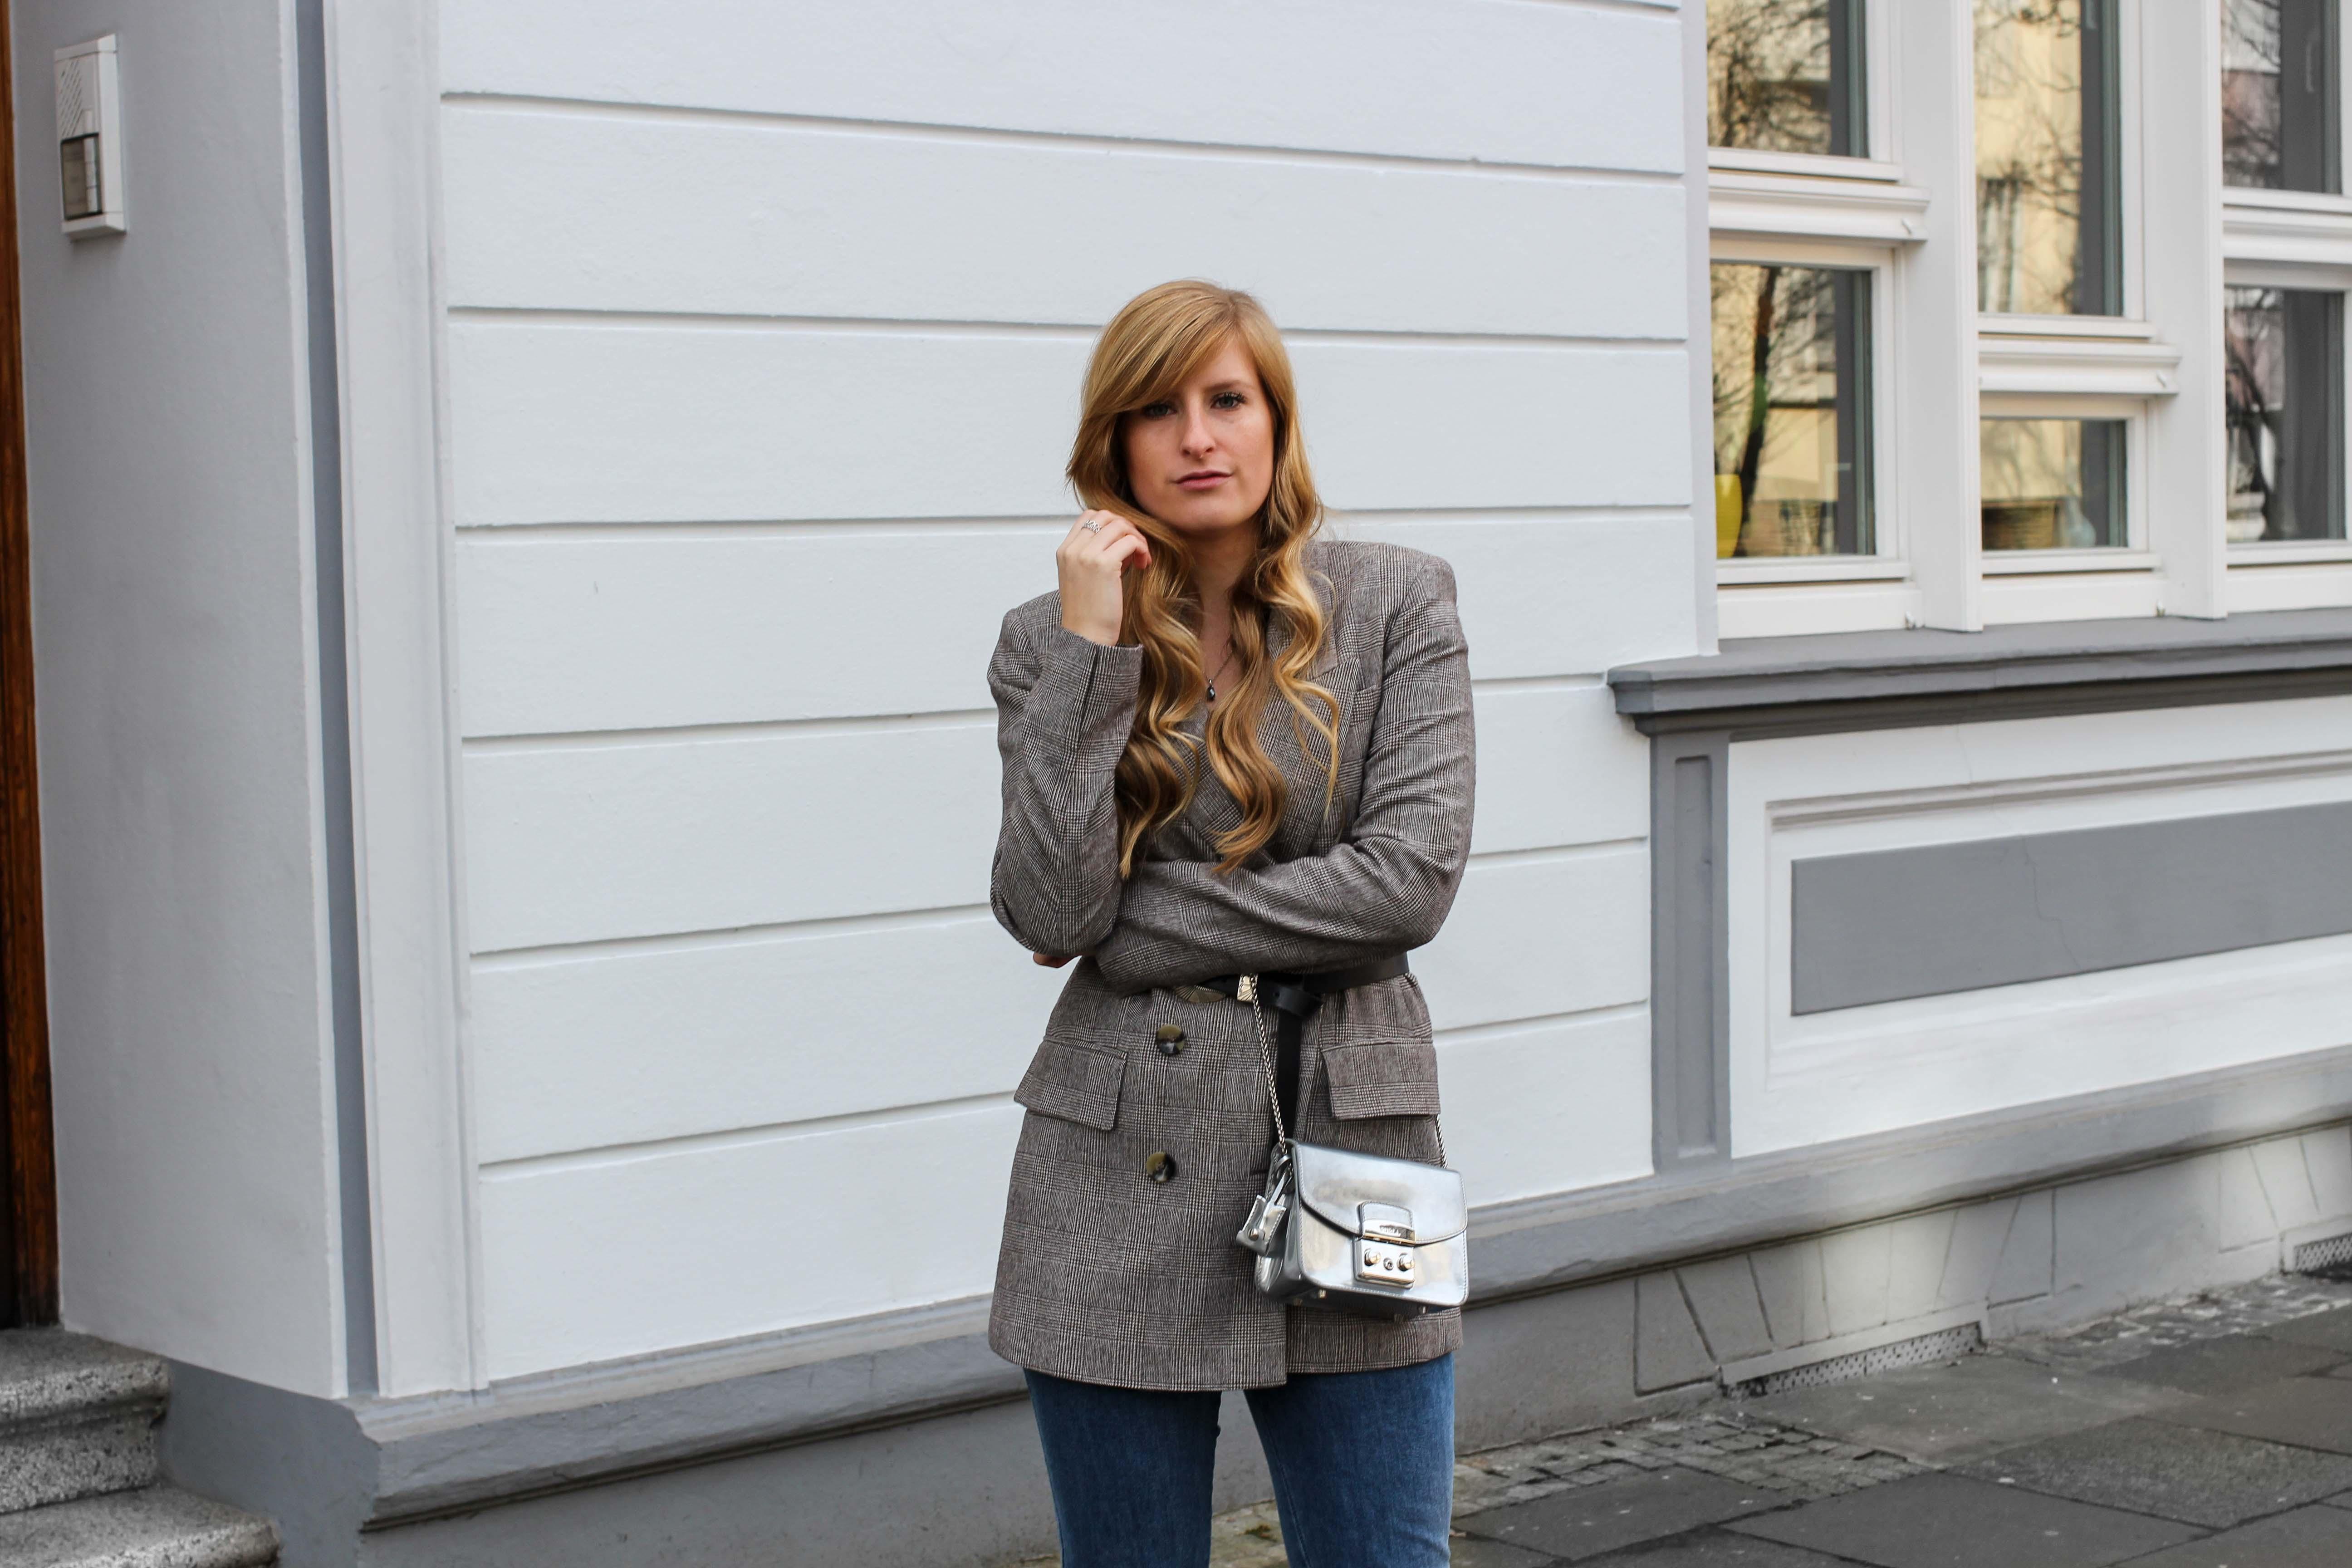 Karierter Blazer Spitzentop Hüftgürtel Karoblazer kombinieren Outfit Hebst Winter filigraner Schmuck silber Kette Ringe Modeblog Bonn 8